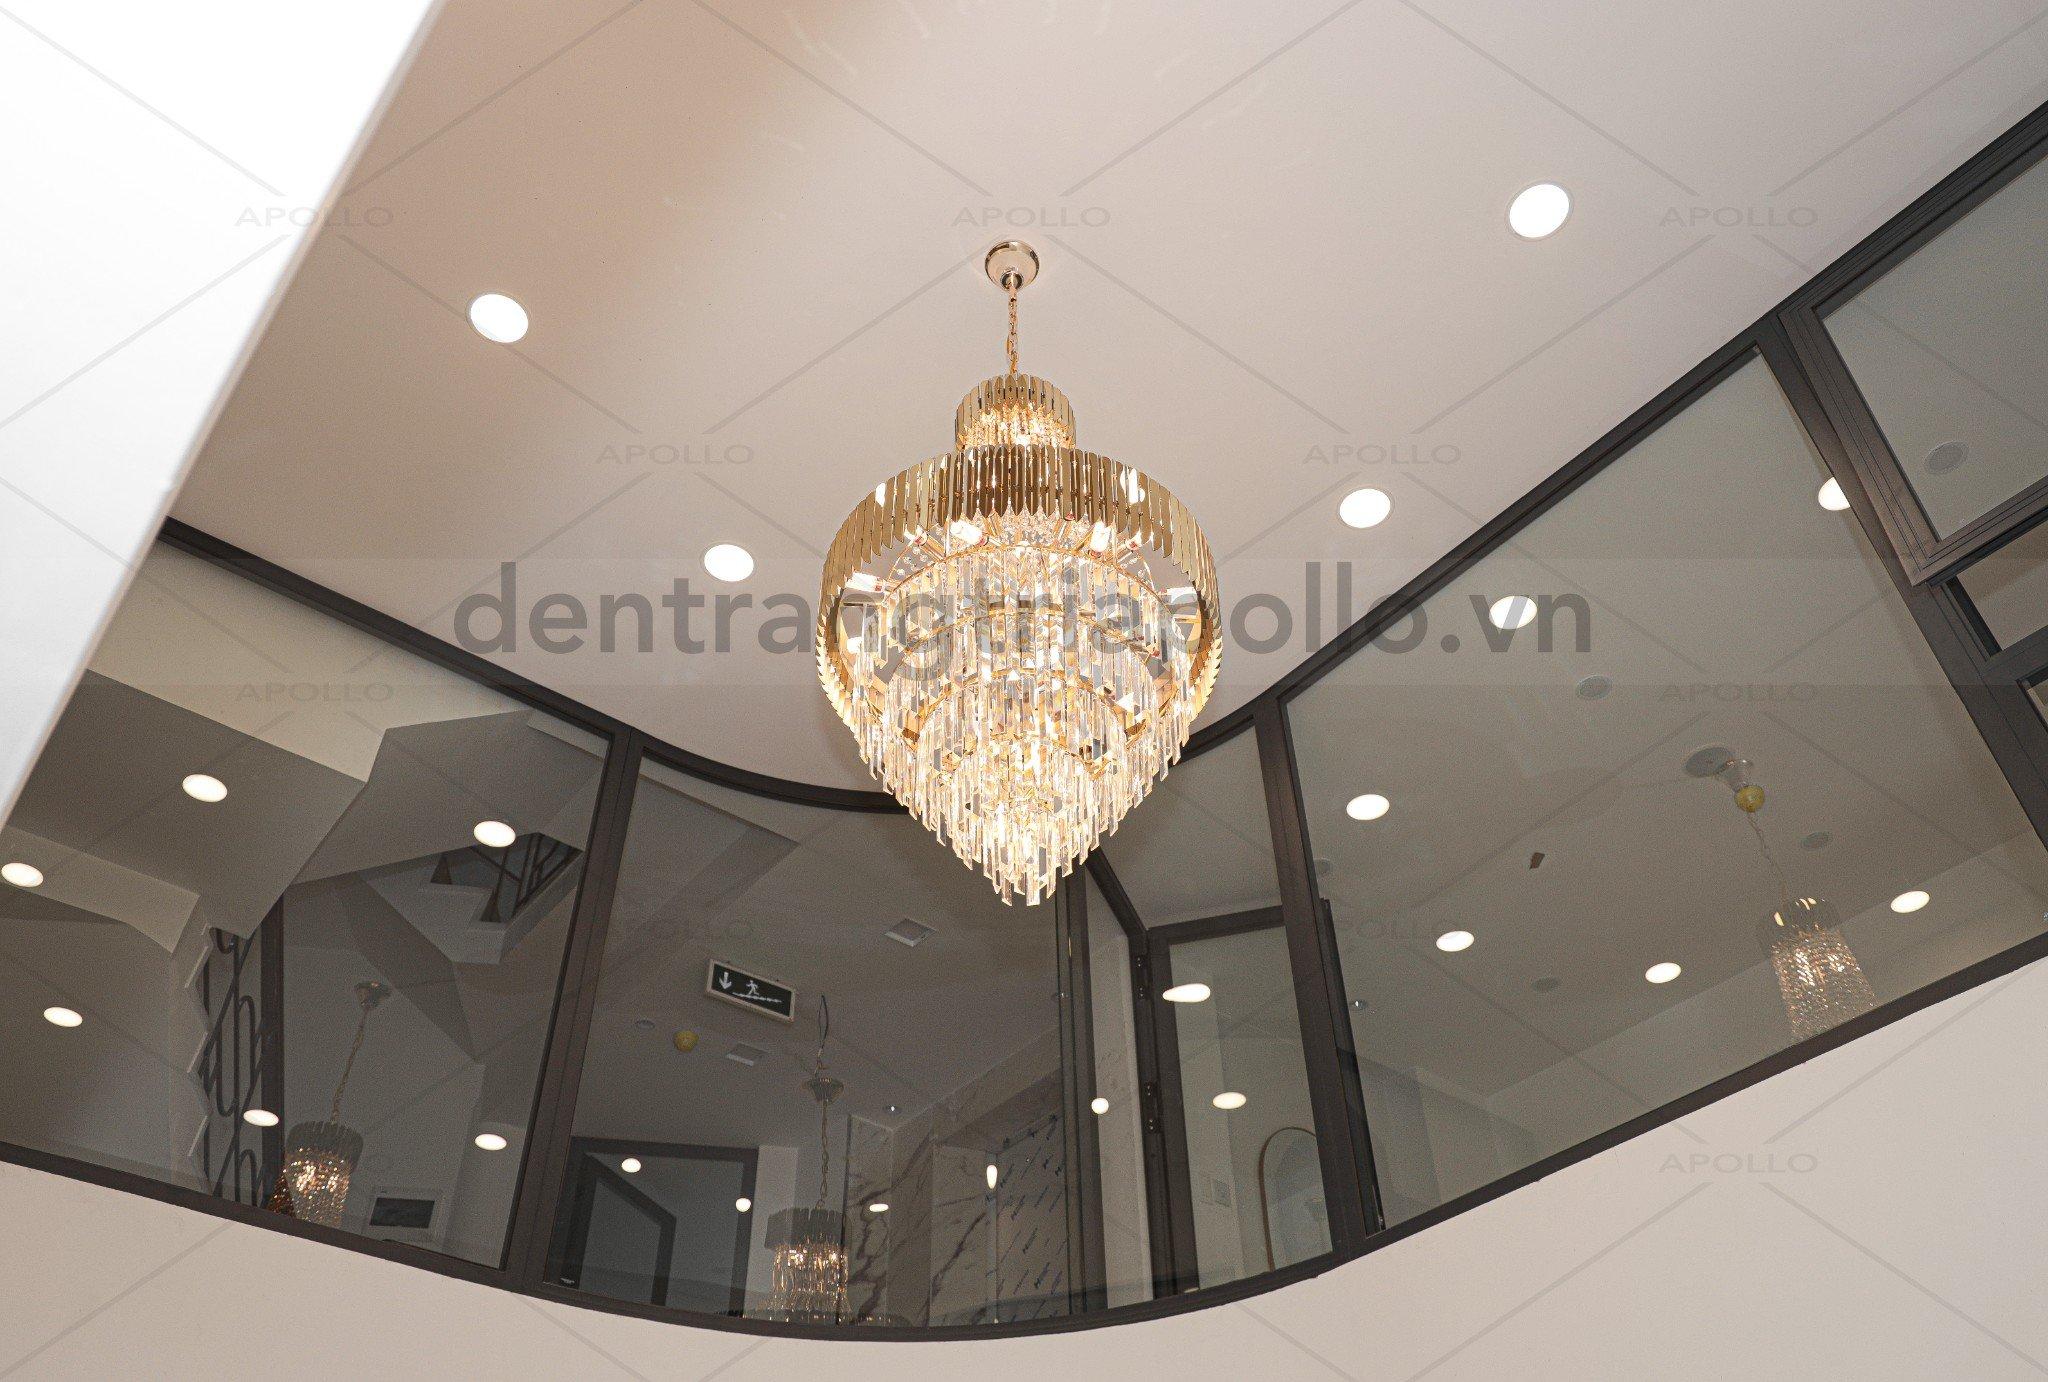 đèn chùm pha lê hiện đại thông tầng